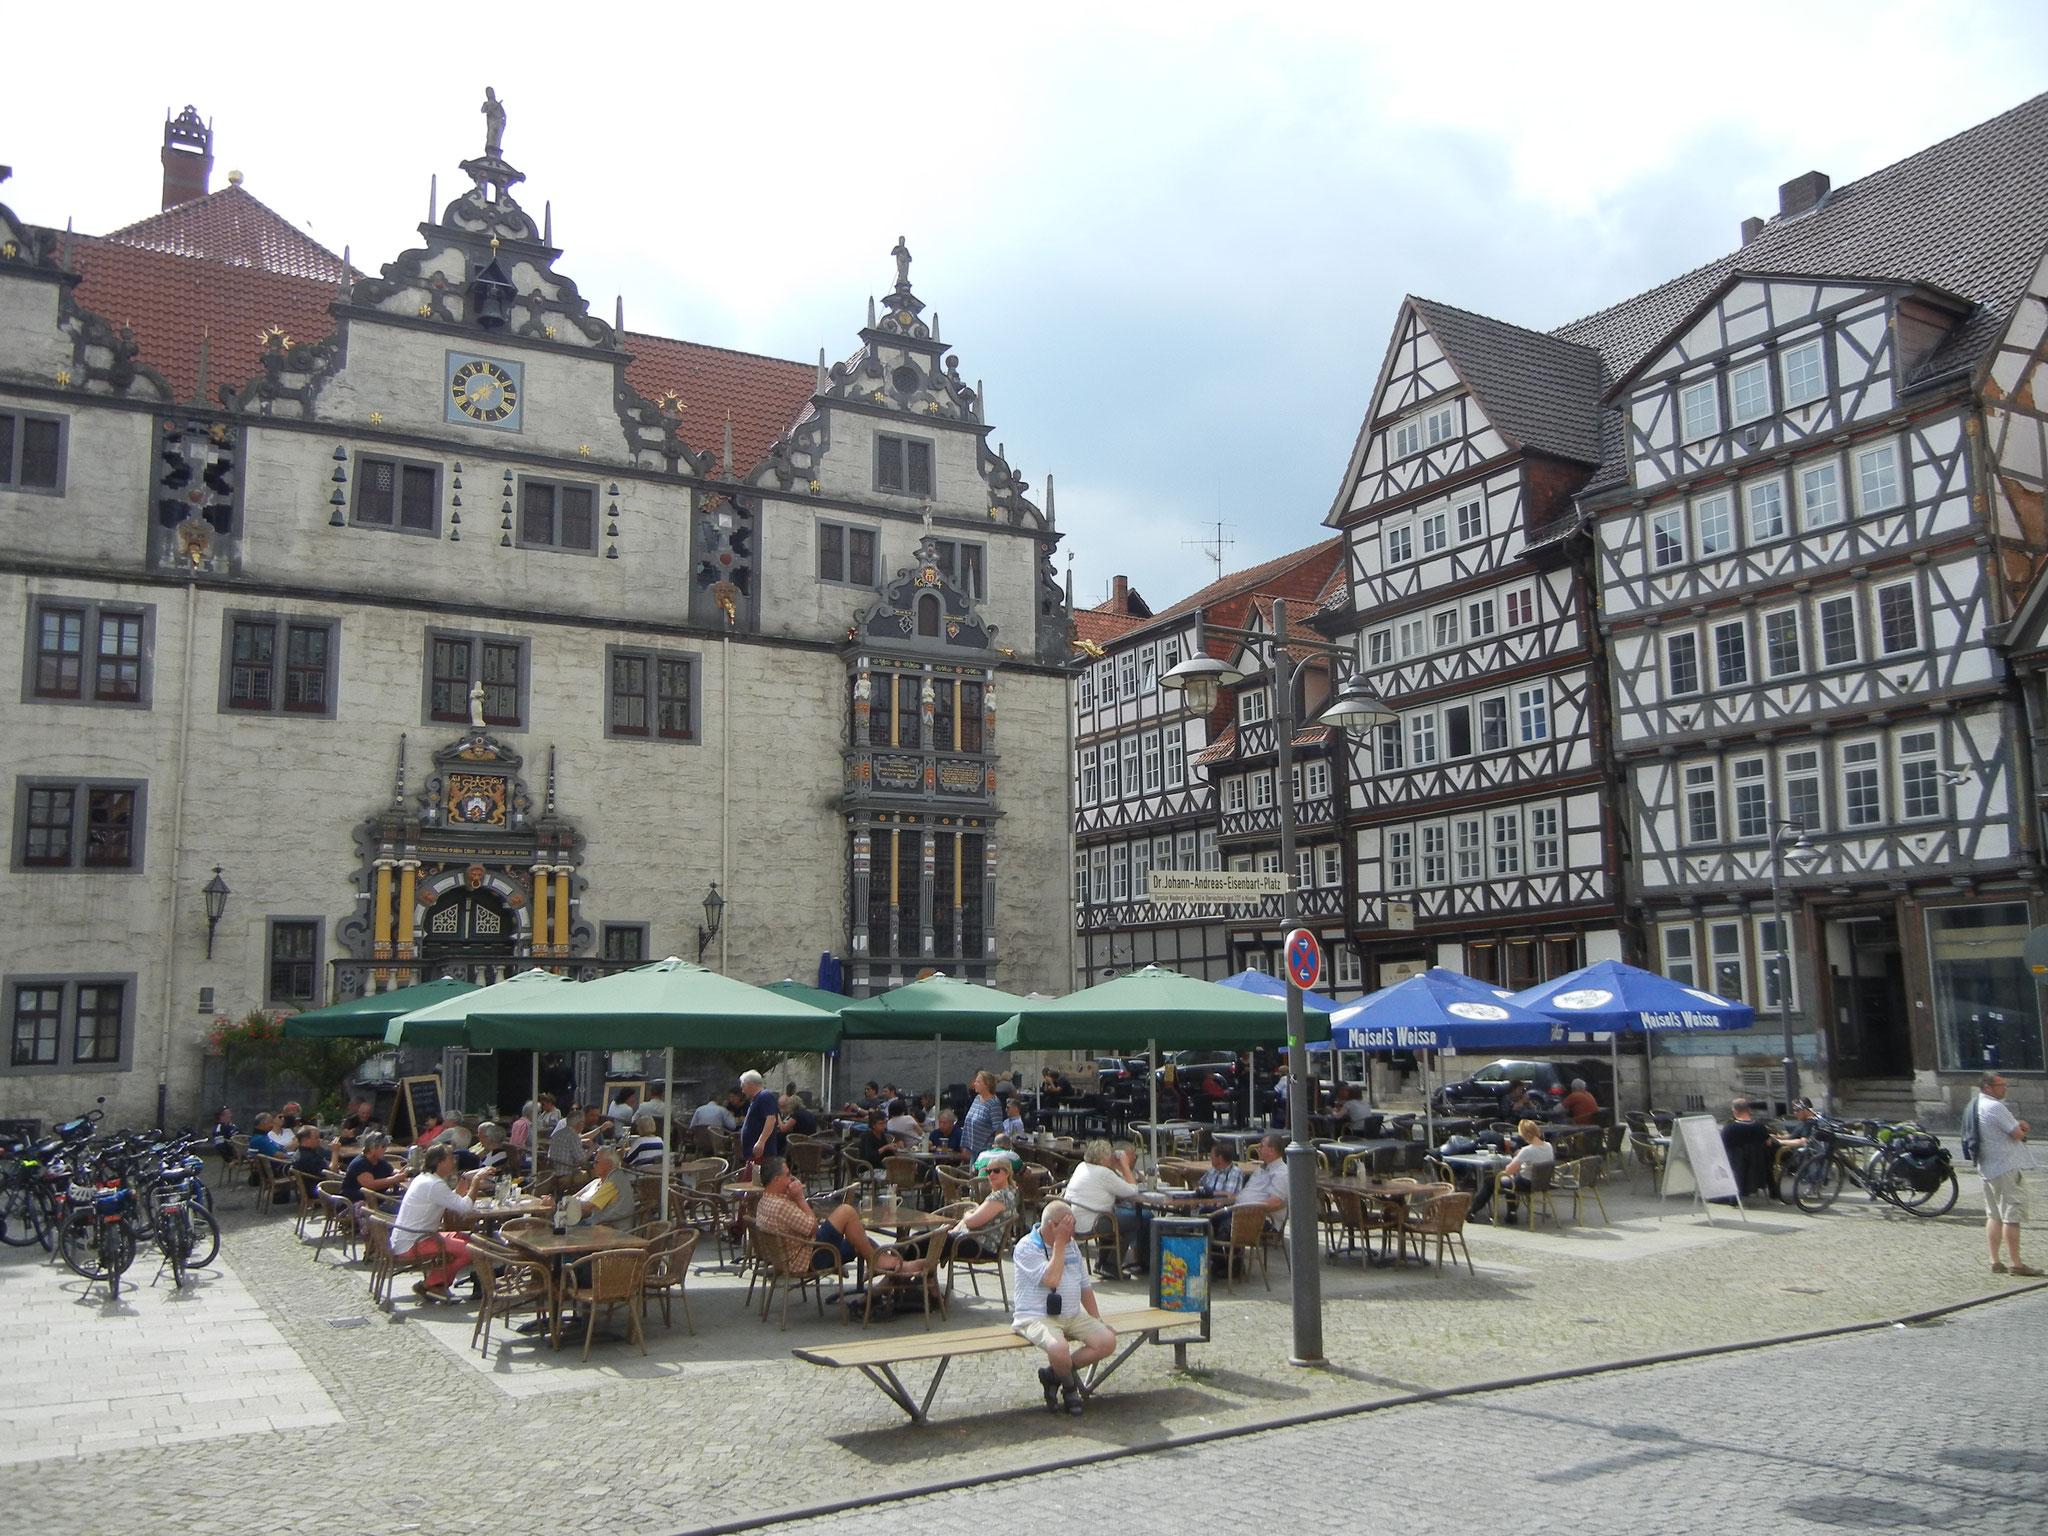 Das Zentrum von Hann. Münden.